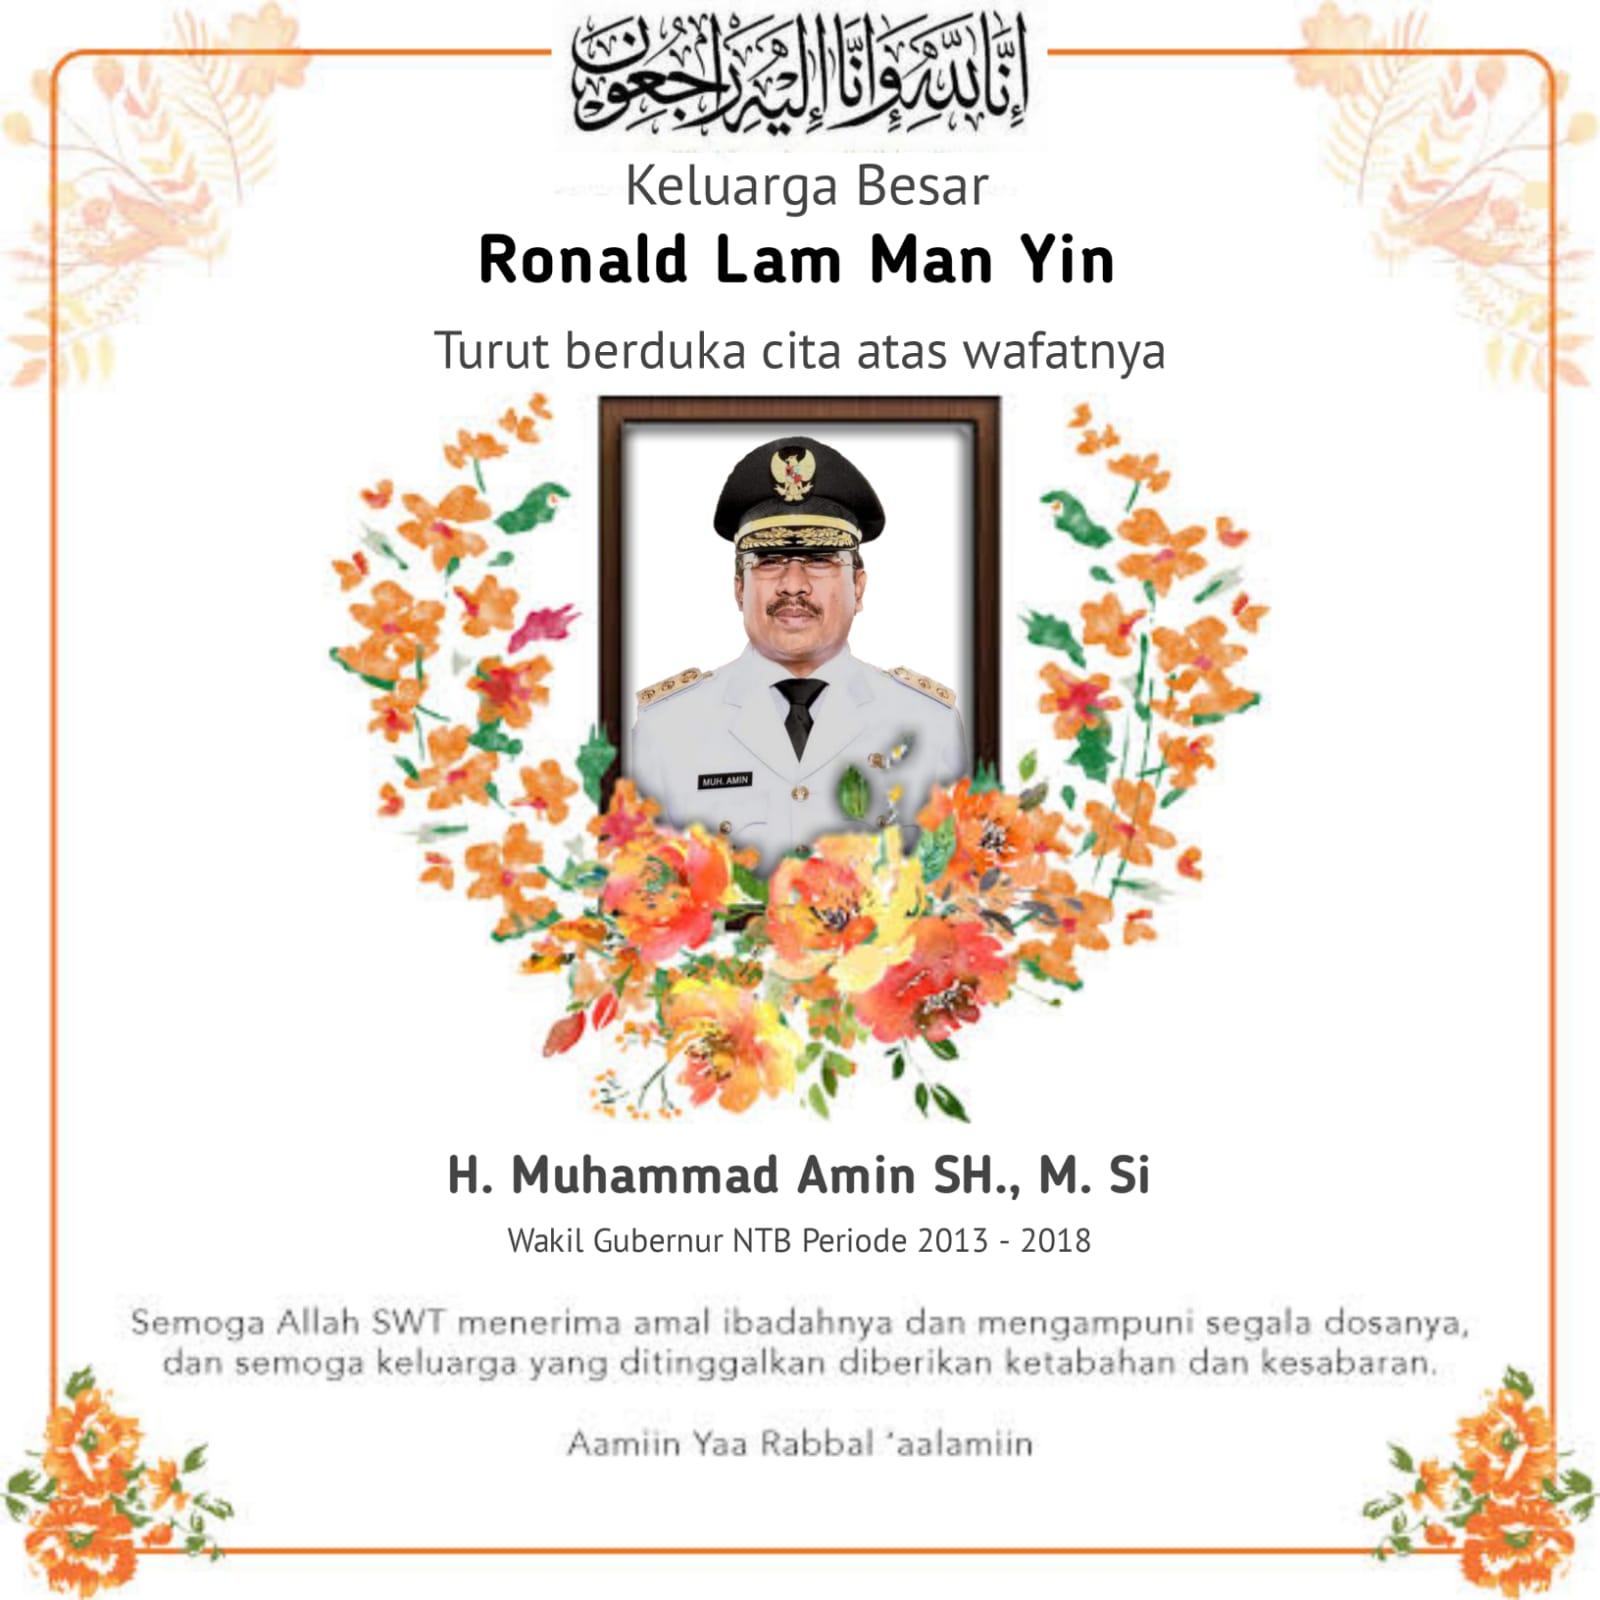 Ucapan Duka Cita dari Ronald Lim dan Keluarga Besar